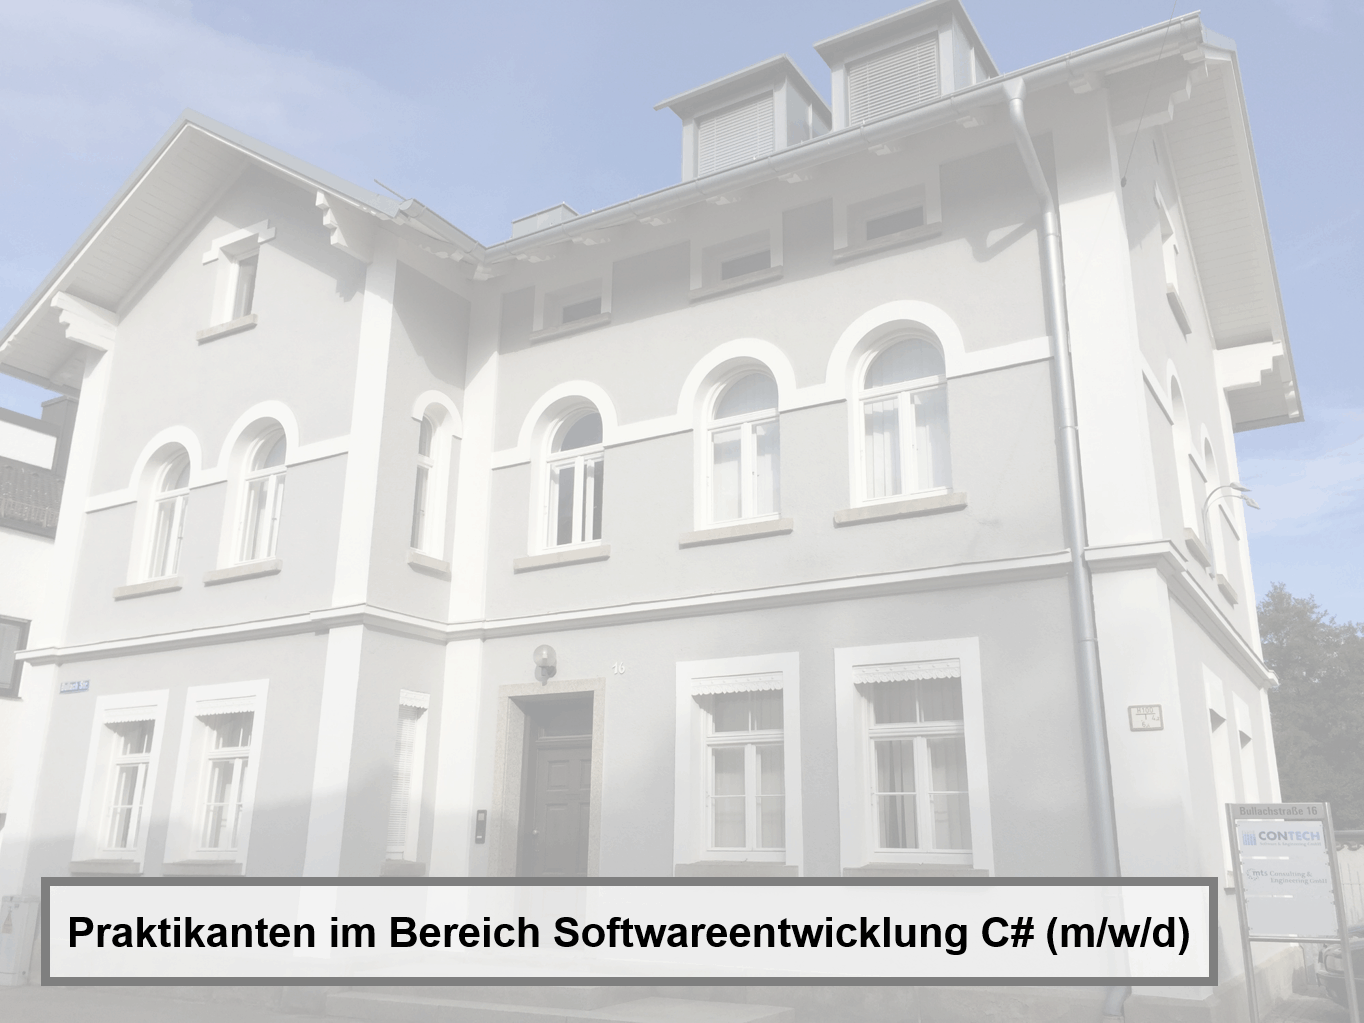 Praktikanten im Bereich Softwareentwicklung C# (m/w/d) für KI-System Analyser®